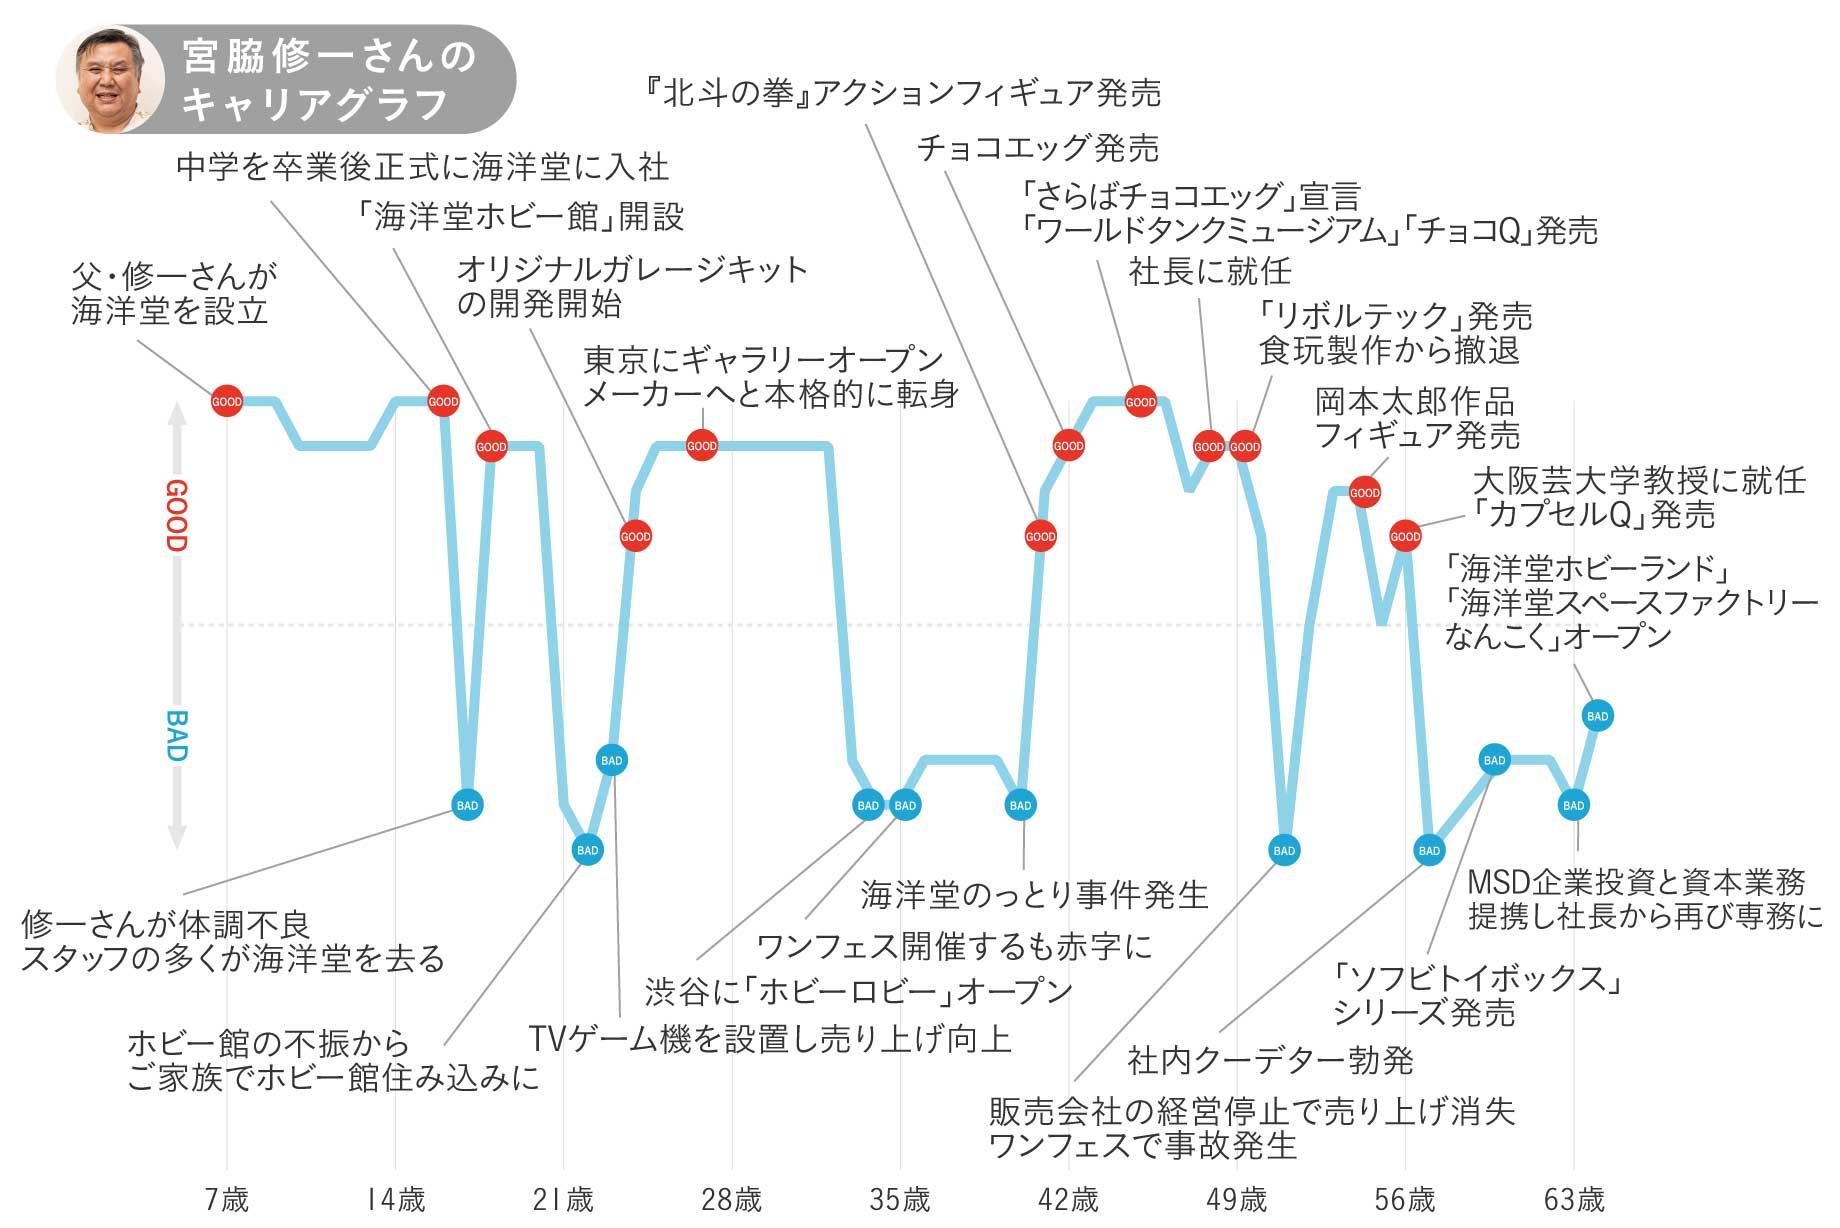 海洋堂・宮脇修一さんのキャリアグラフ1